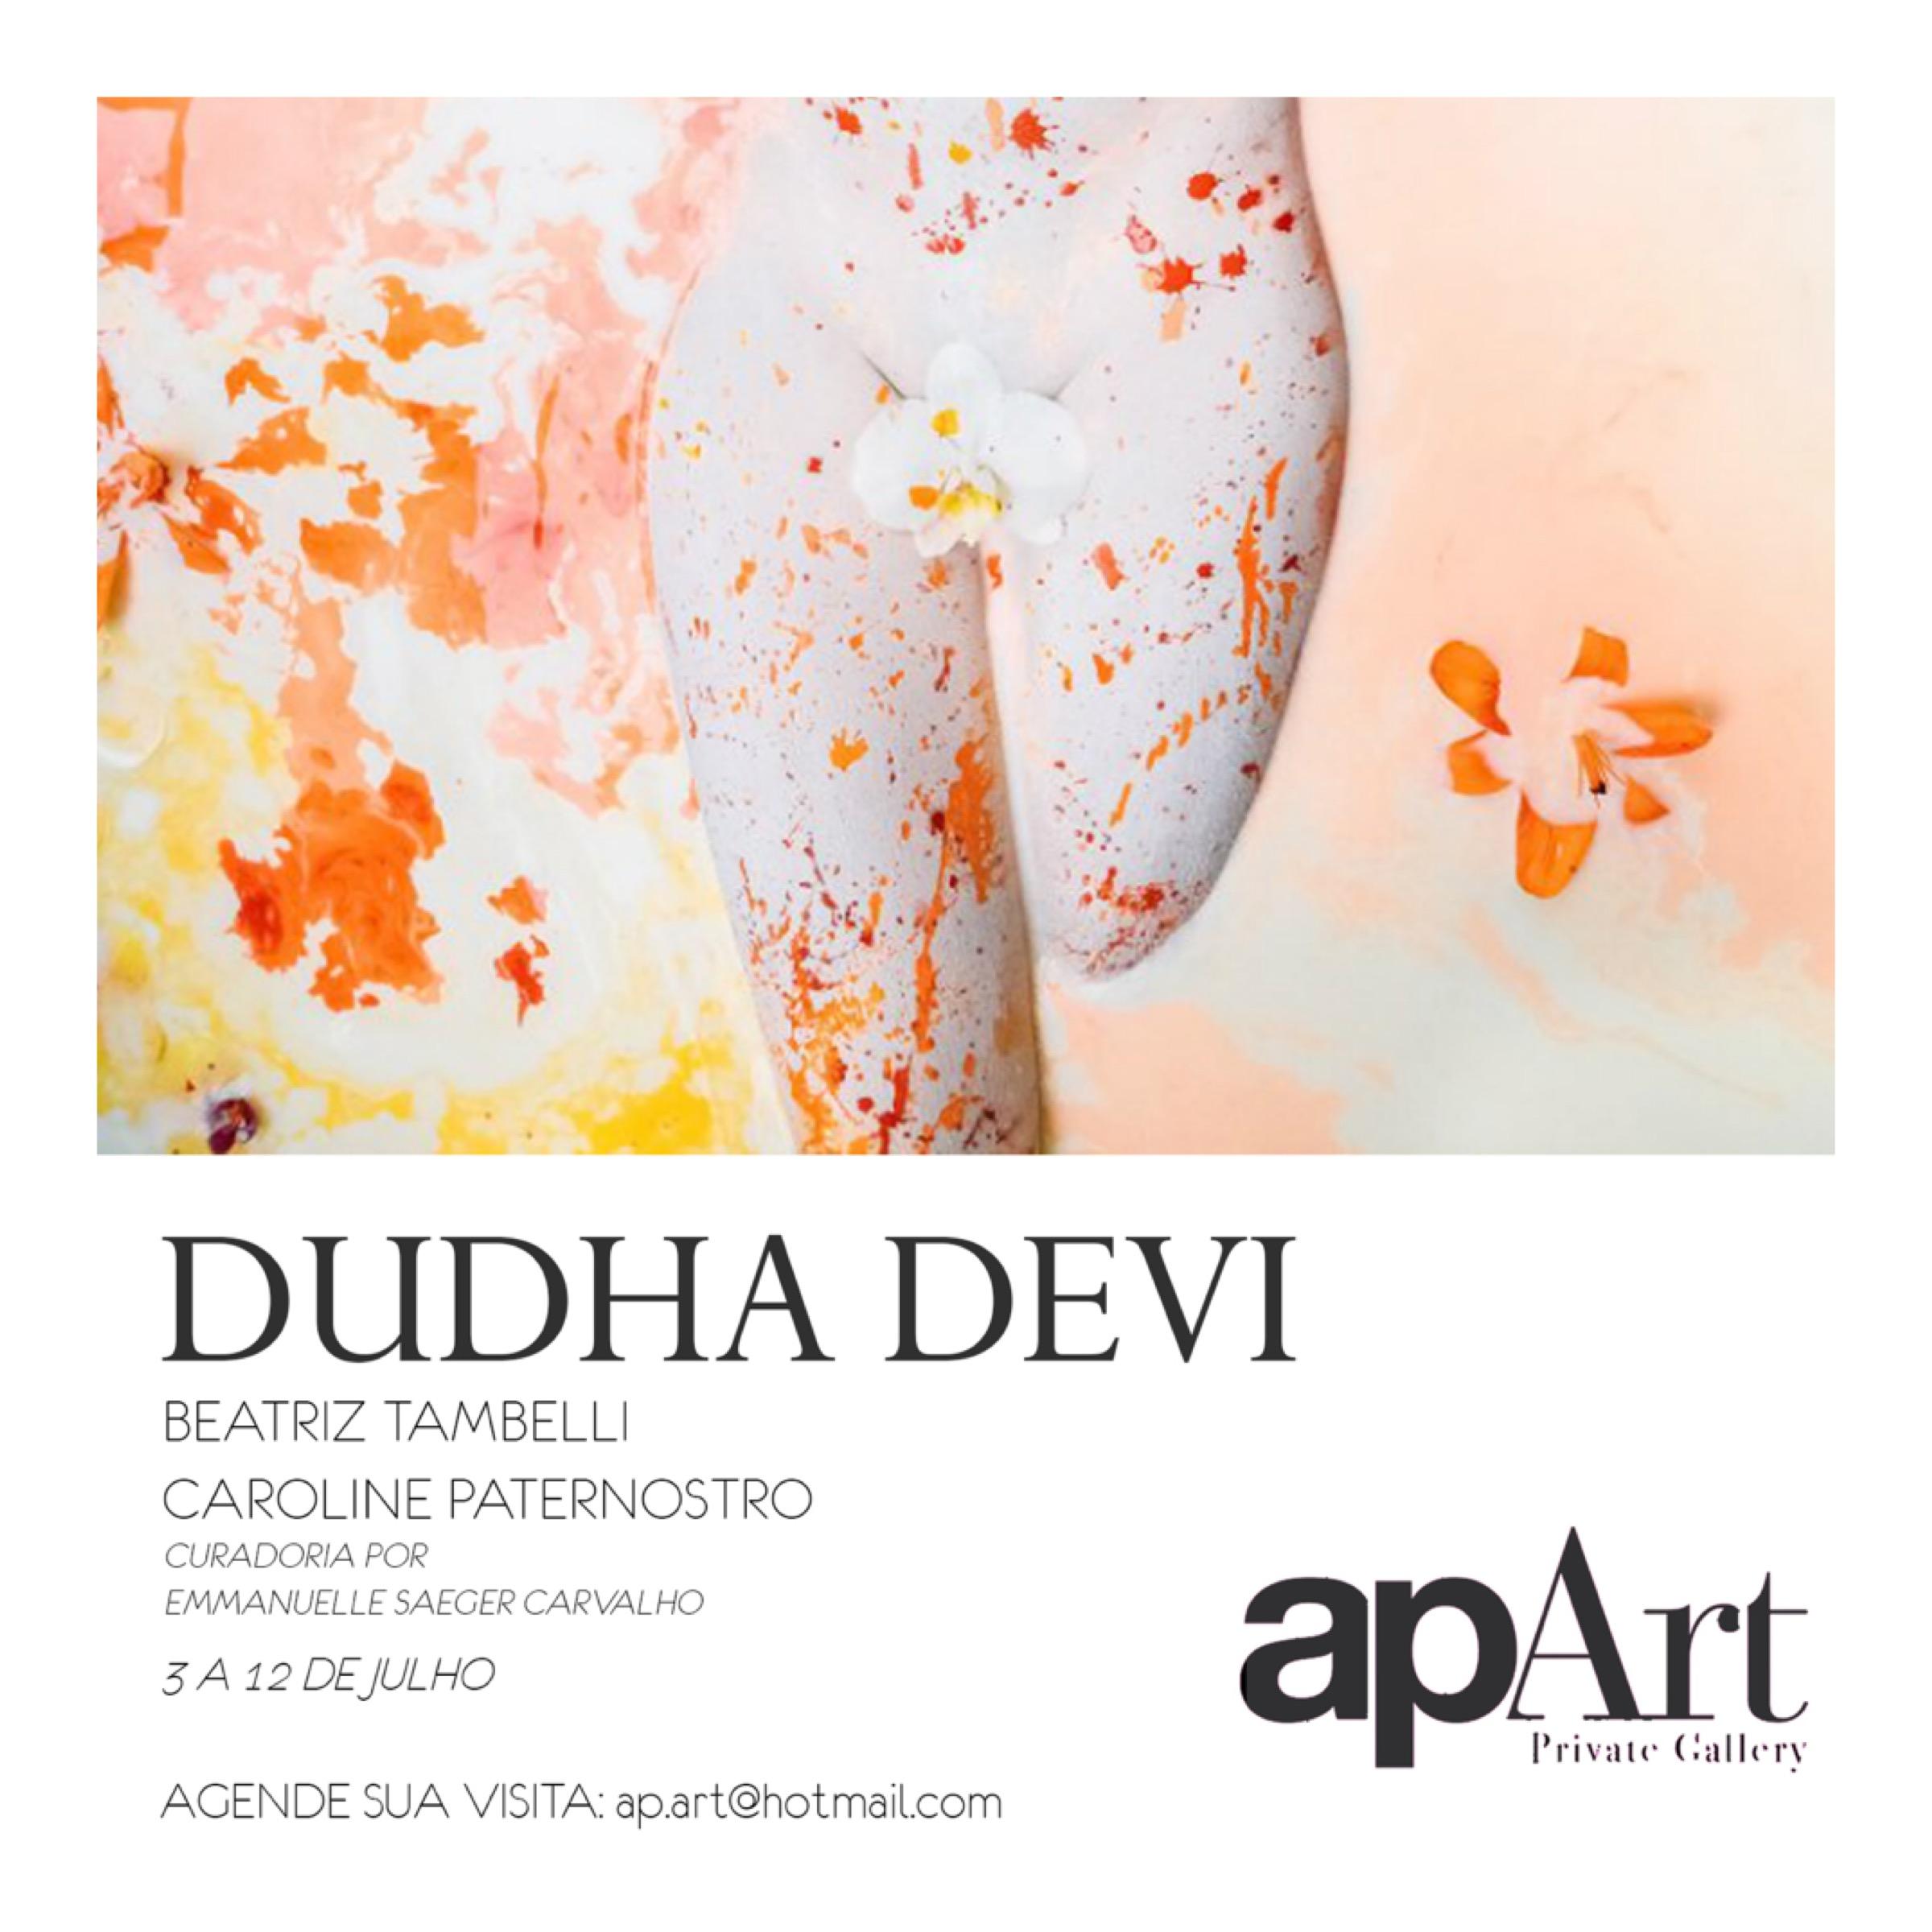 Dudha Devi